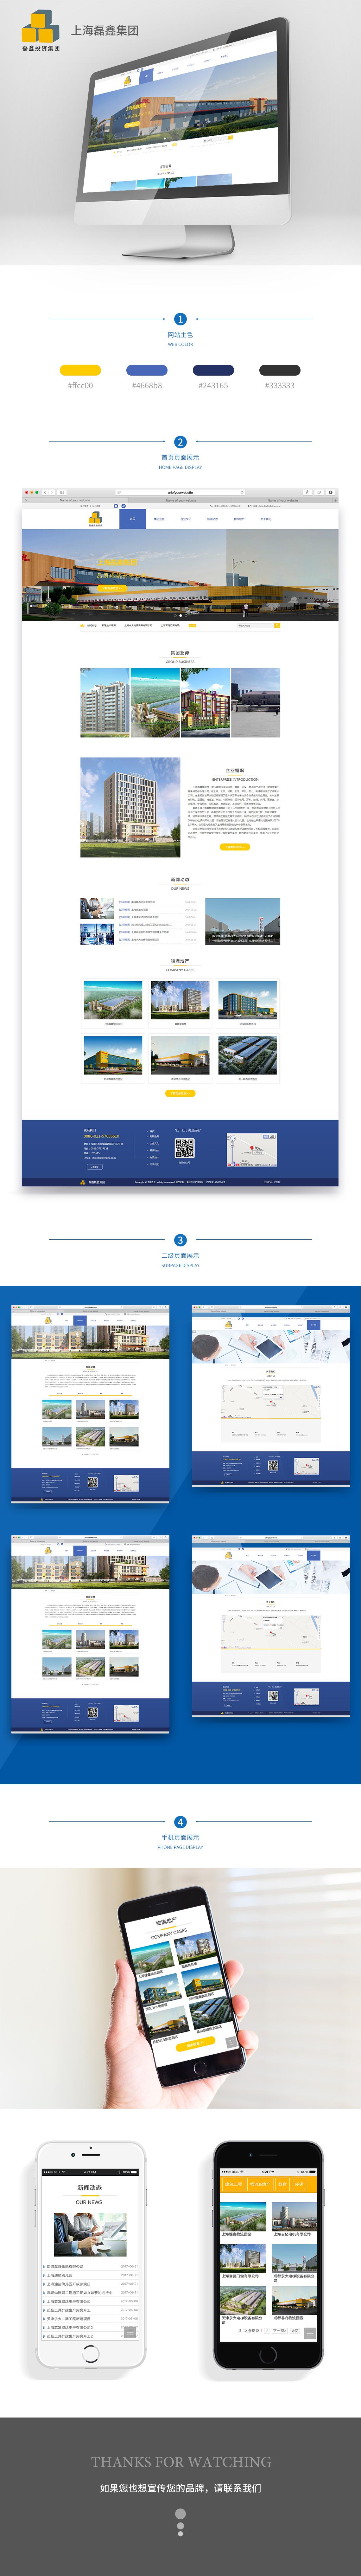 公司网站建设案例磊鑫集团